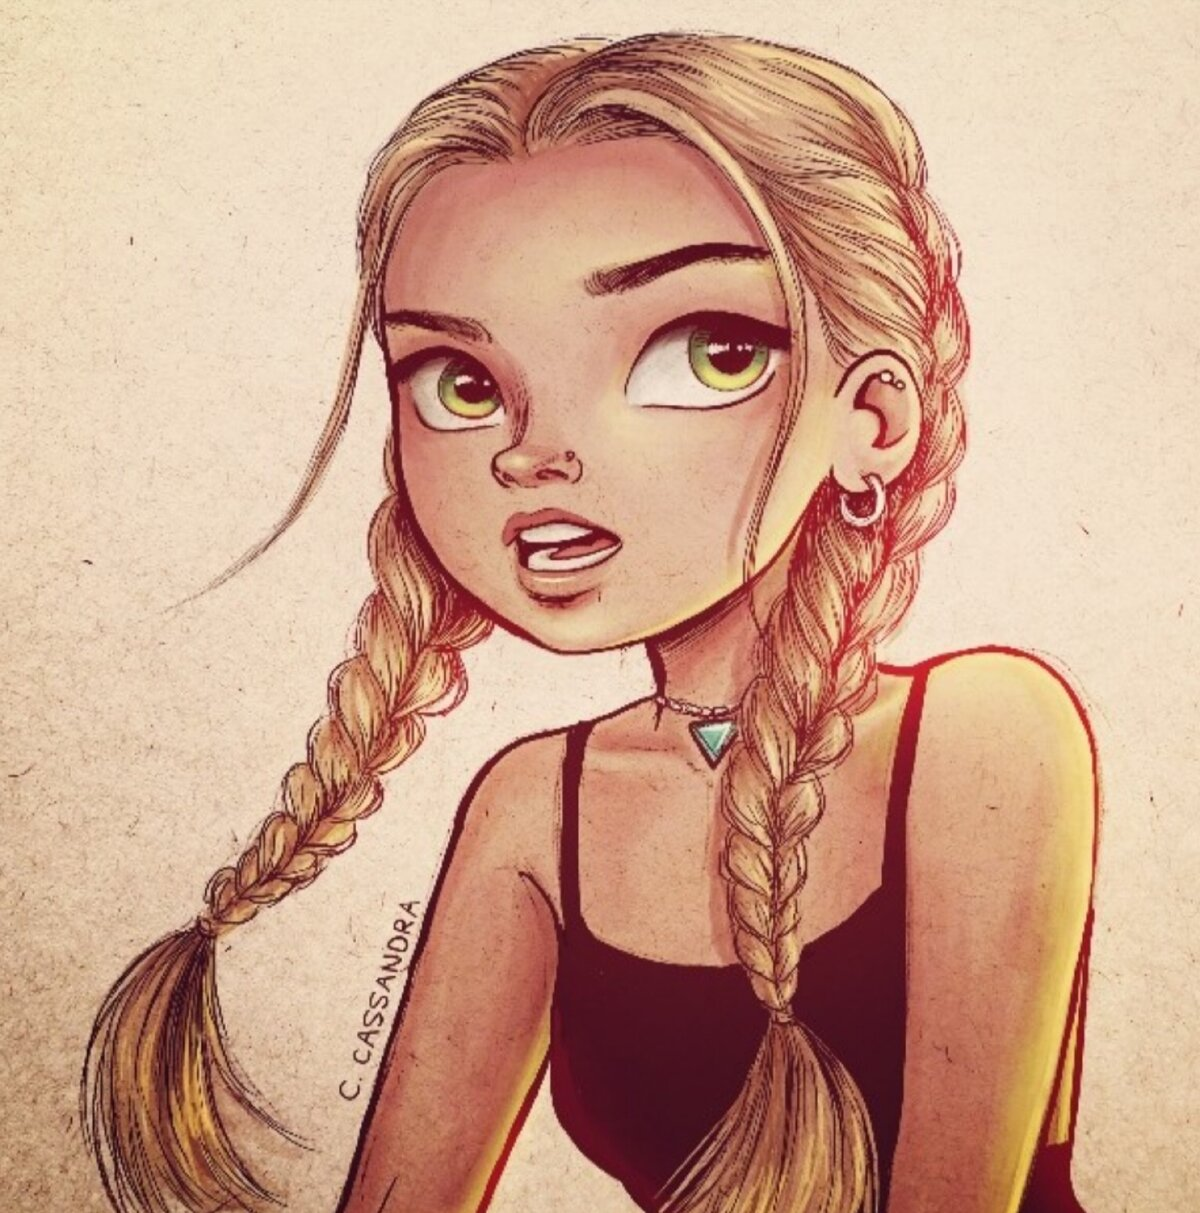 Красивые и прикольные рисунки девушек